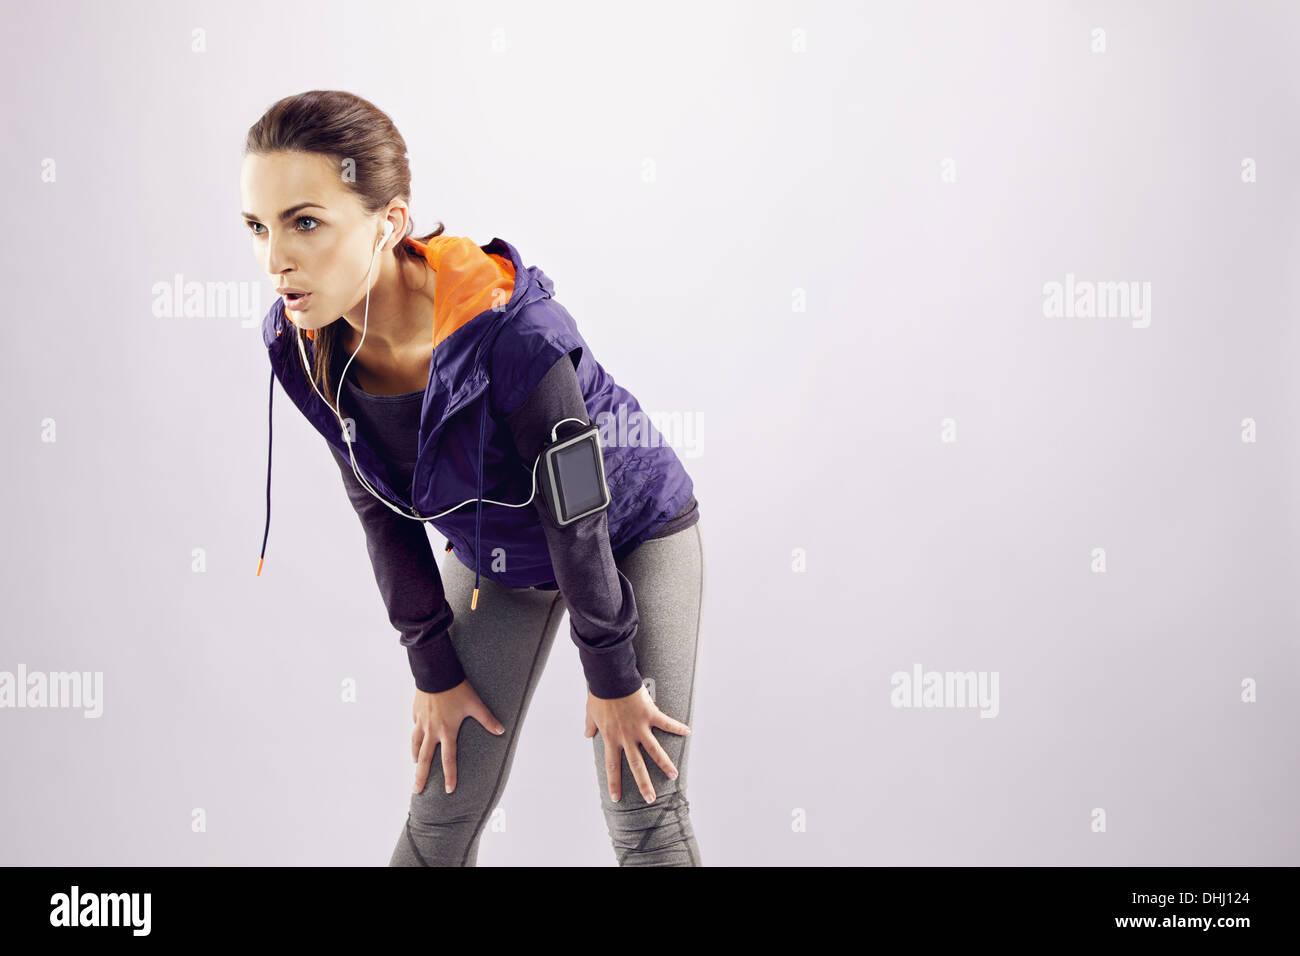 Junge weibliche Läufer mit den Händen auf die Knie. Müde junge Frau ruht nach dem Joggen auf grauem Hintergrund mit vielen Textfreiraum Stockbild